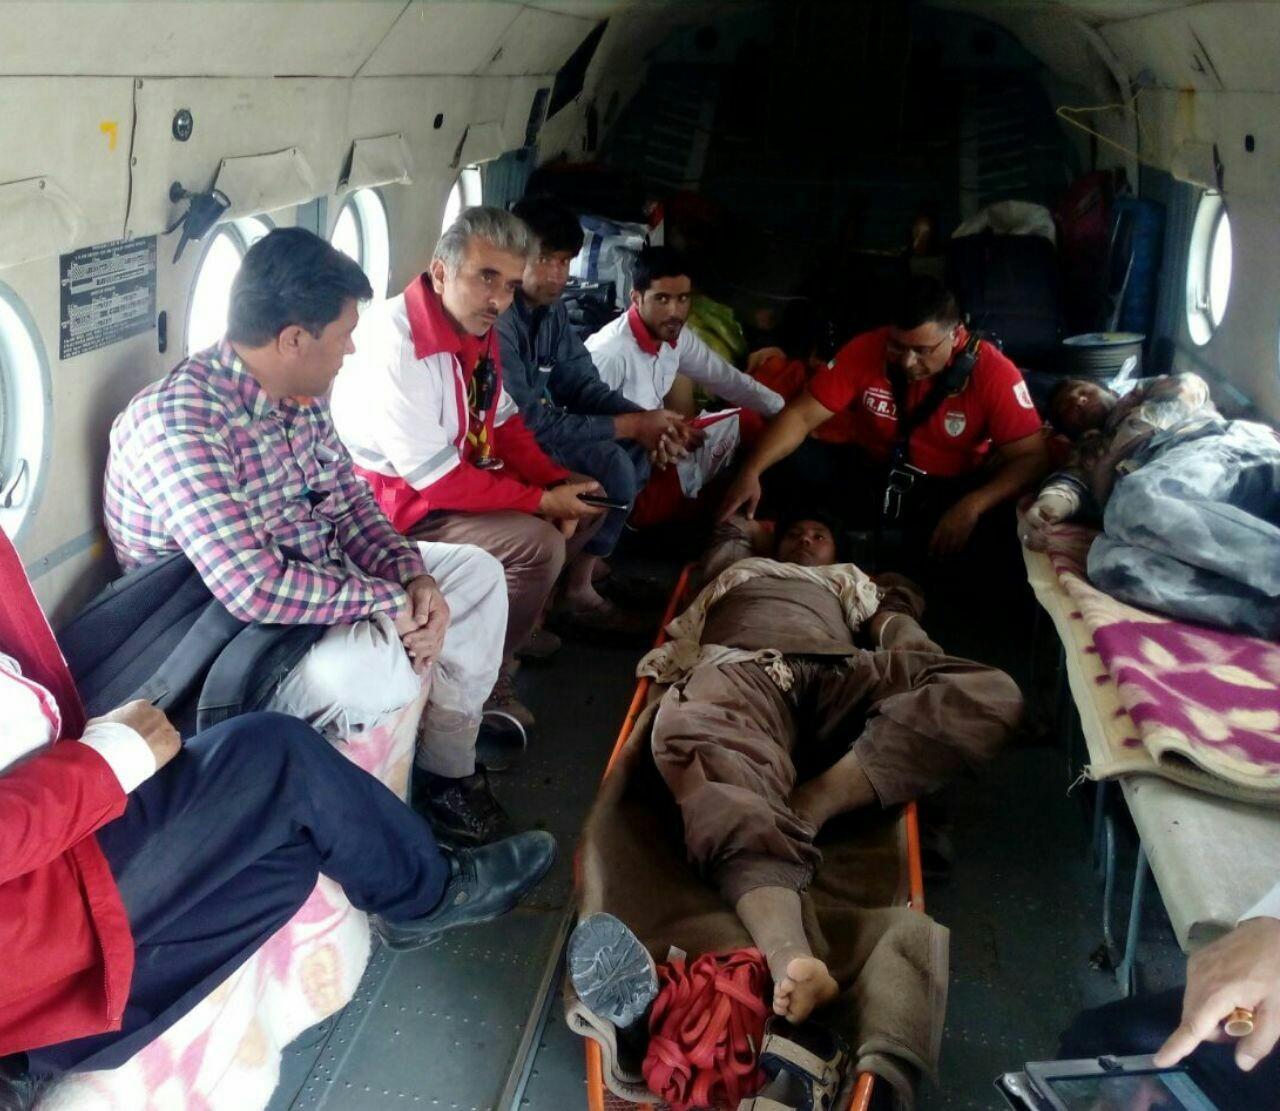 نجات ۲ فرد گرفتار در کویر شهداد با تلاش نجاتگران هلال احمر سیستان و بلوچستان